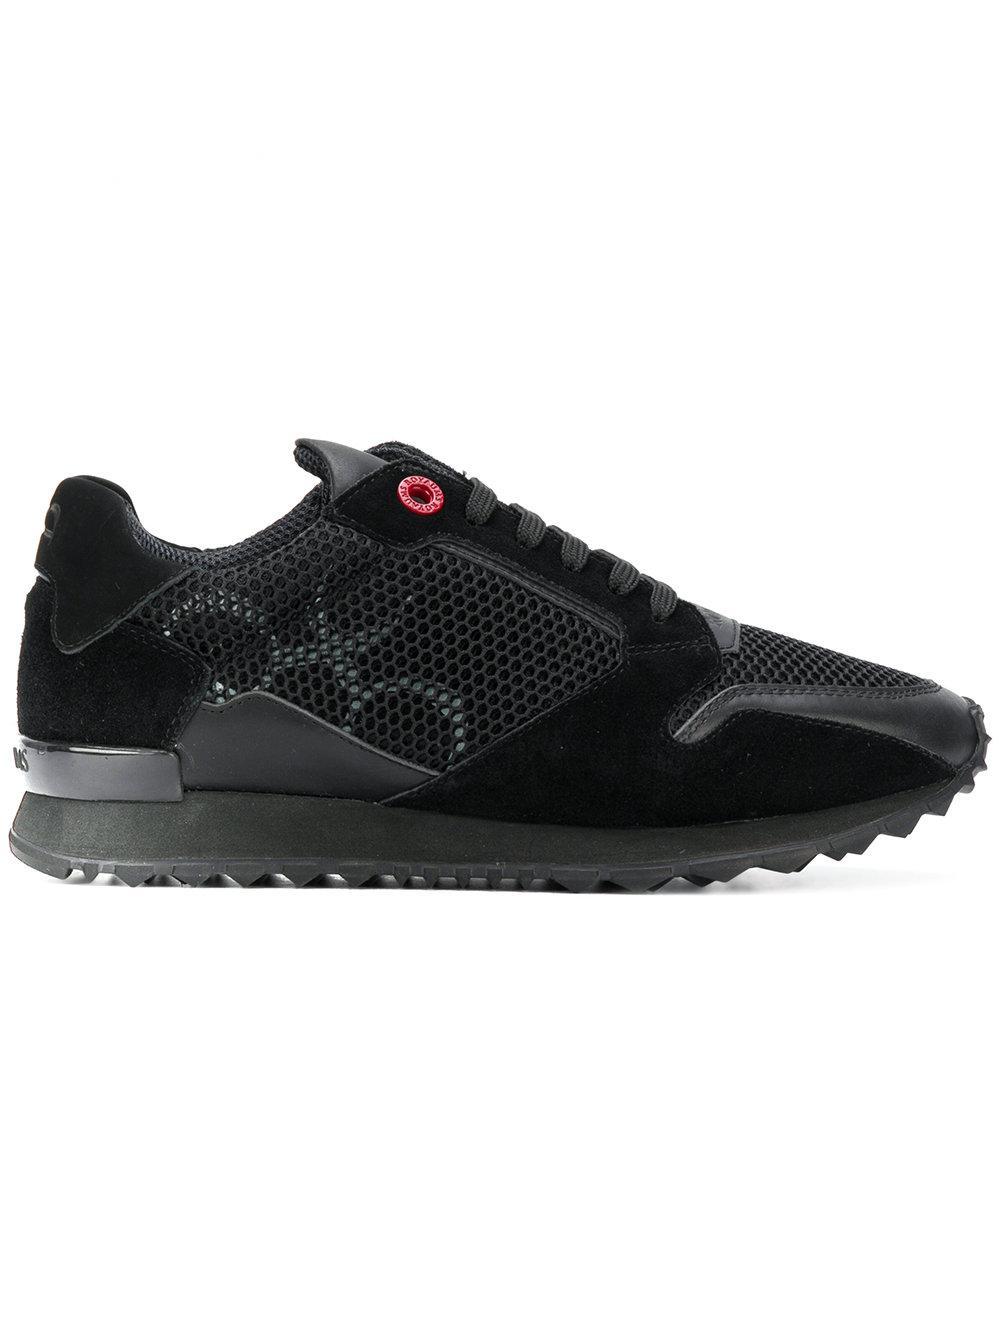 Royaums Endurance Sneakers